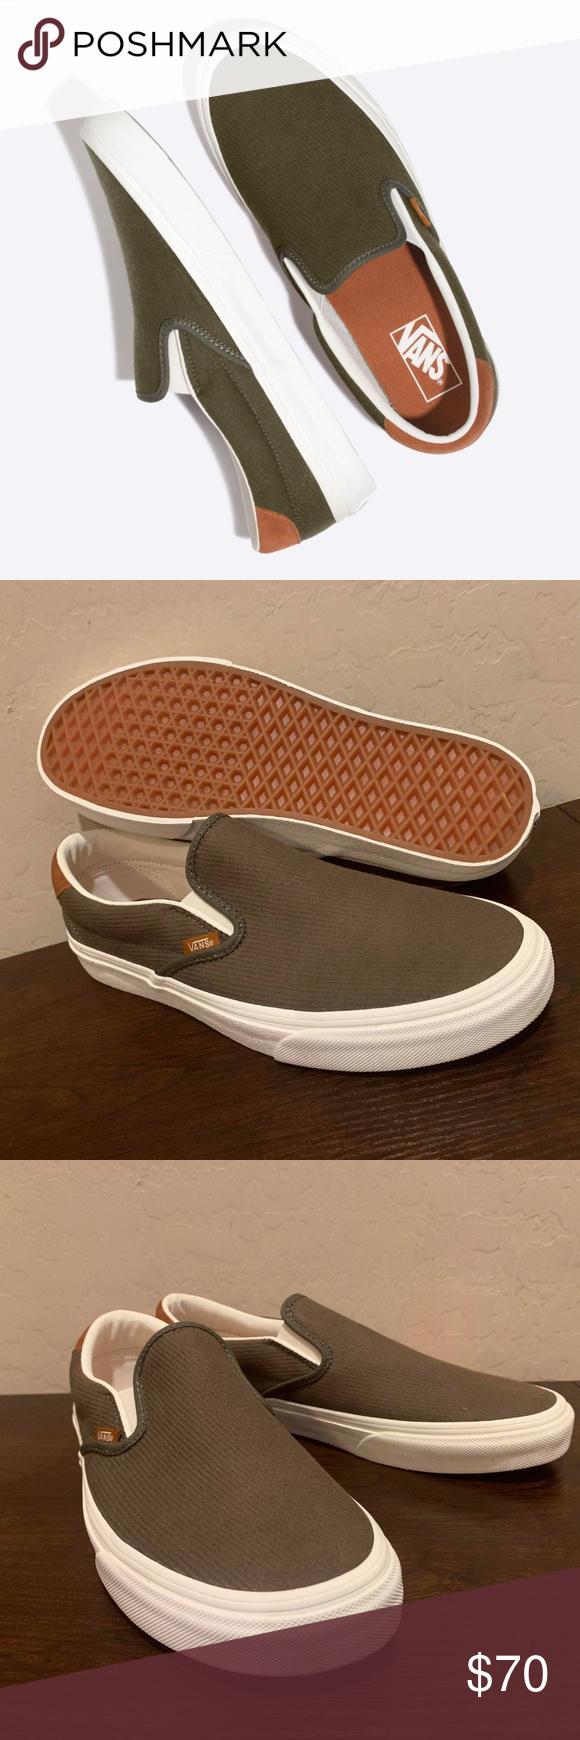 3c92e7ec6e Vans Slip-On 59 Skate Shoes Women s Flannel Dusty Vans SLIP ON 59 Flannel